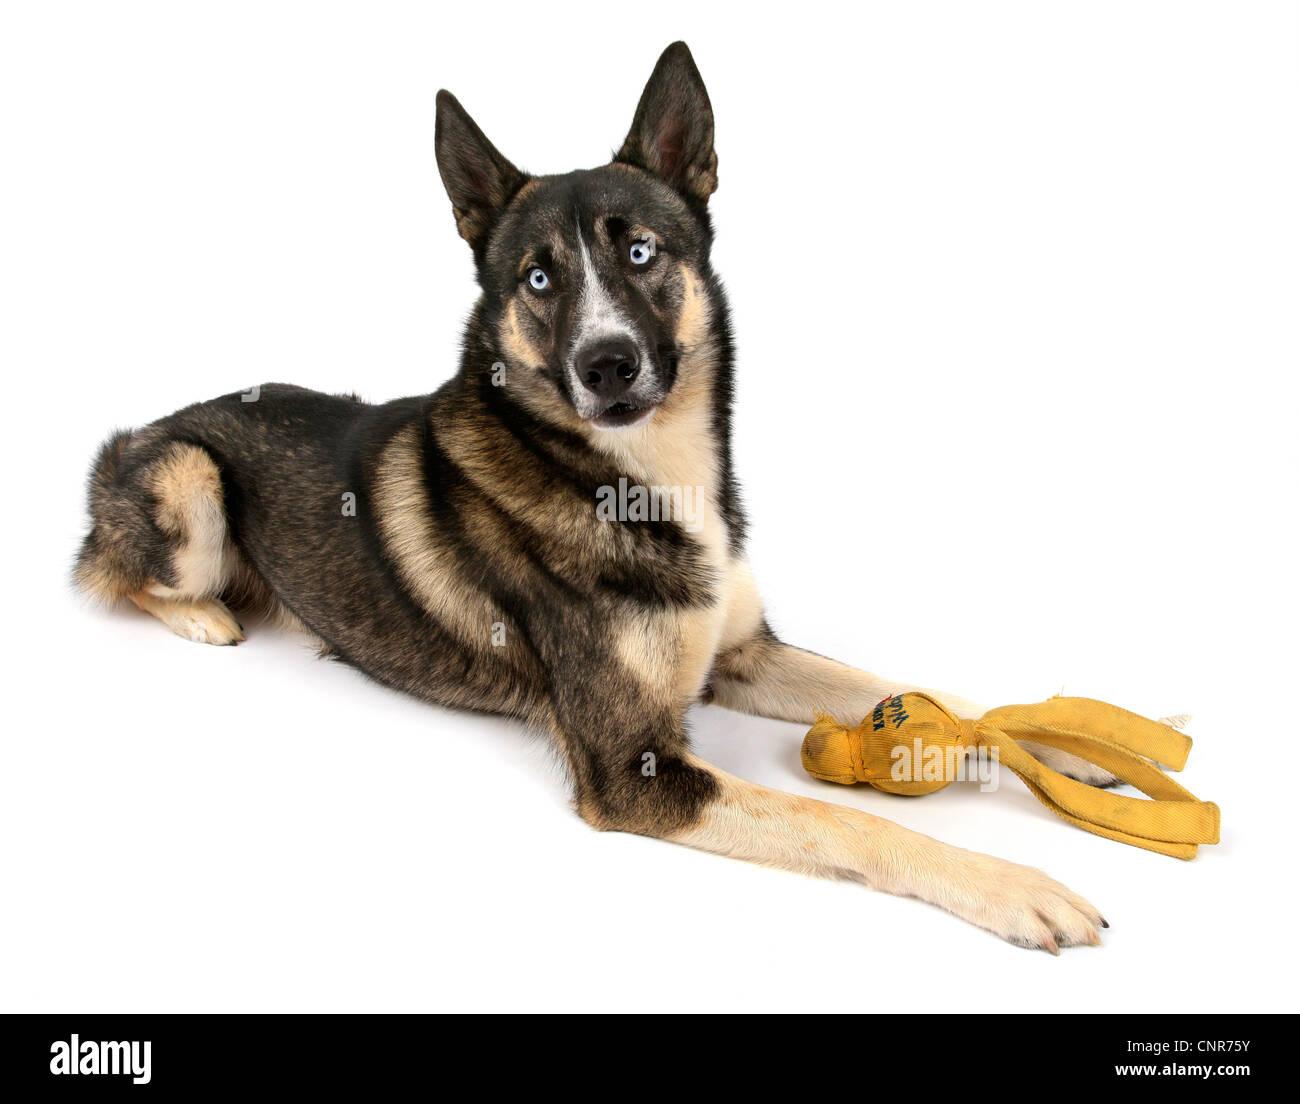 Norwegian Elkhound X Siberian Husky